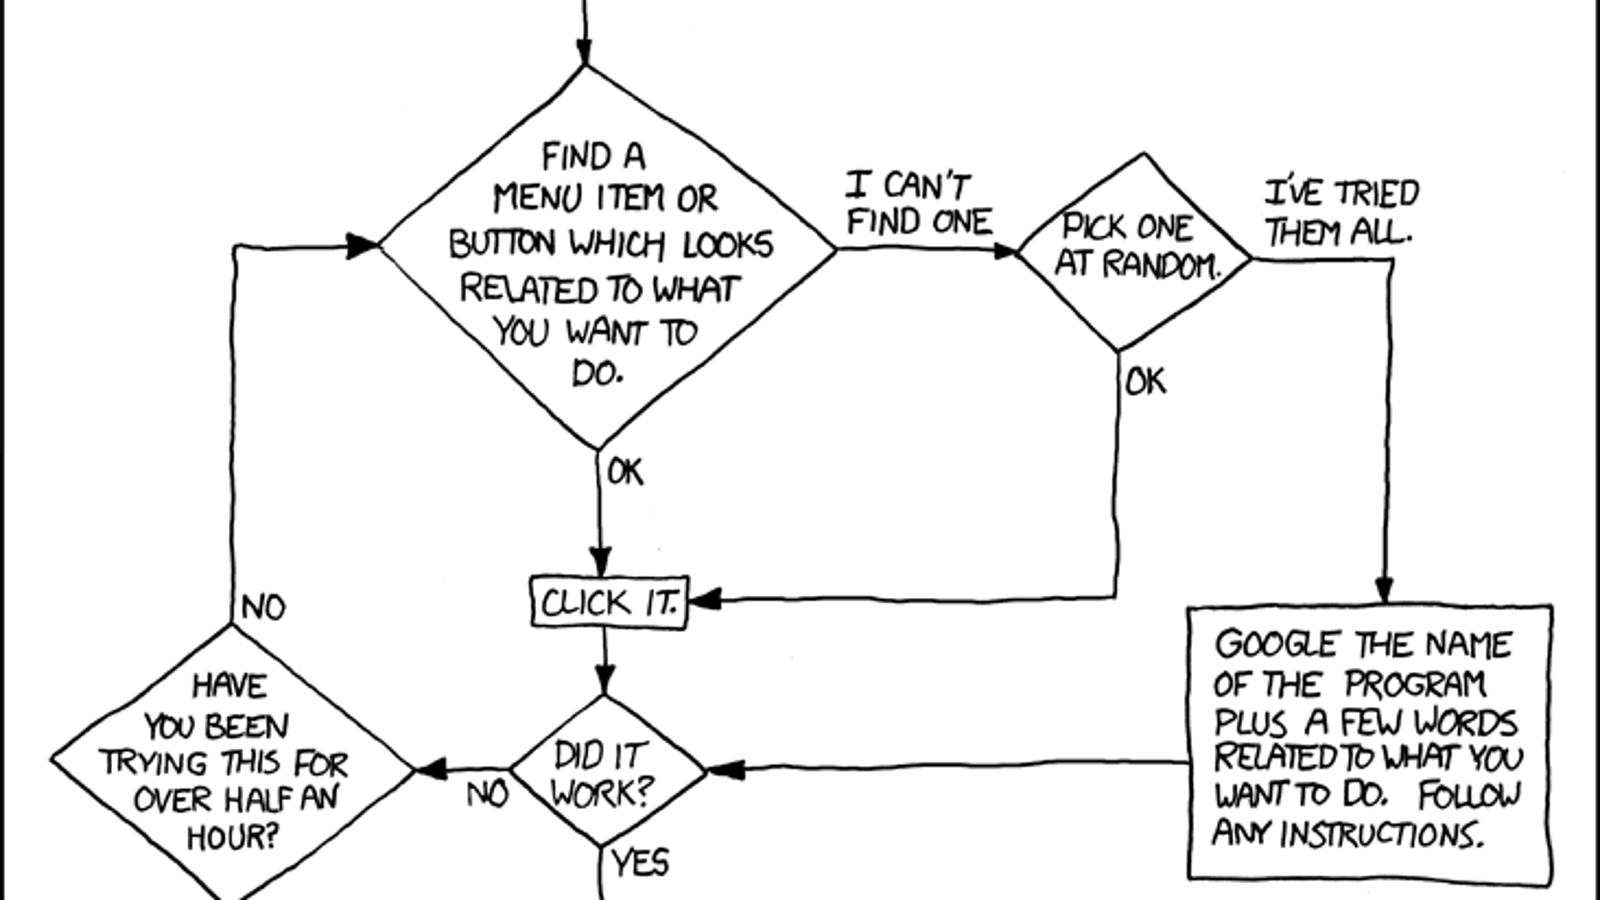 Tech Support Cheat Sheet Reveals the Secrets of